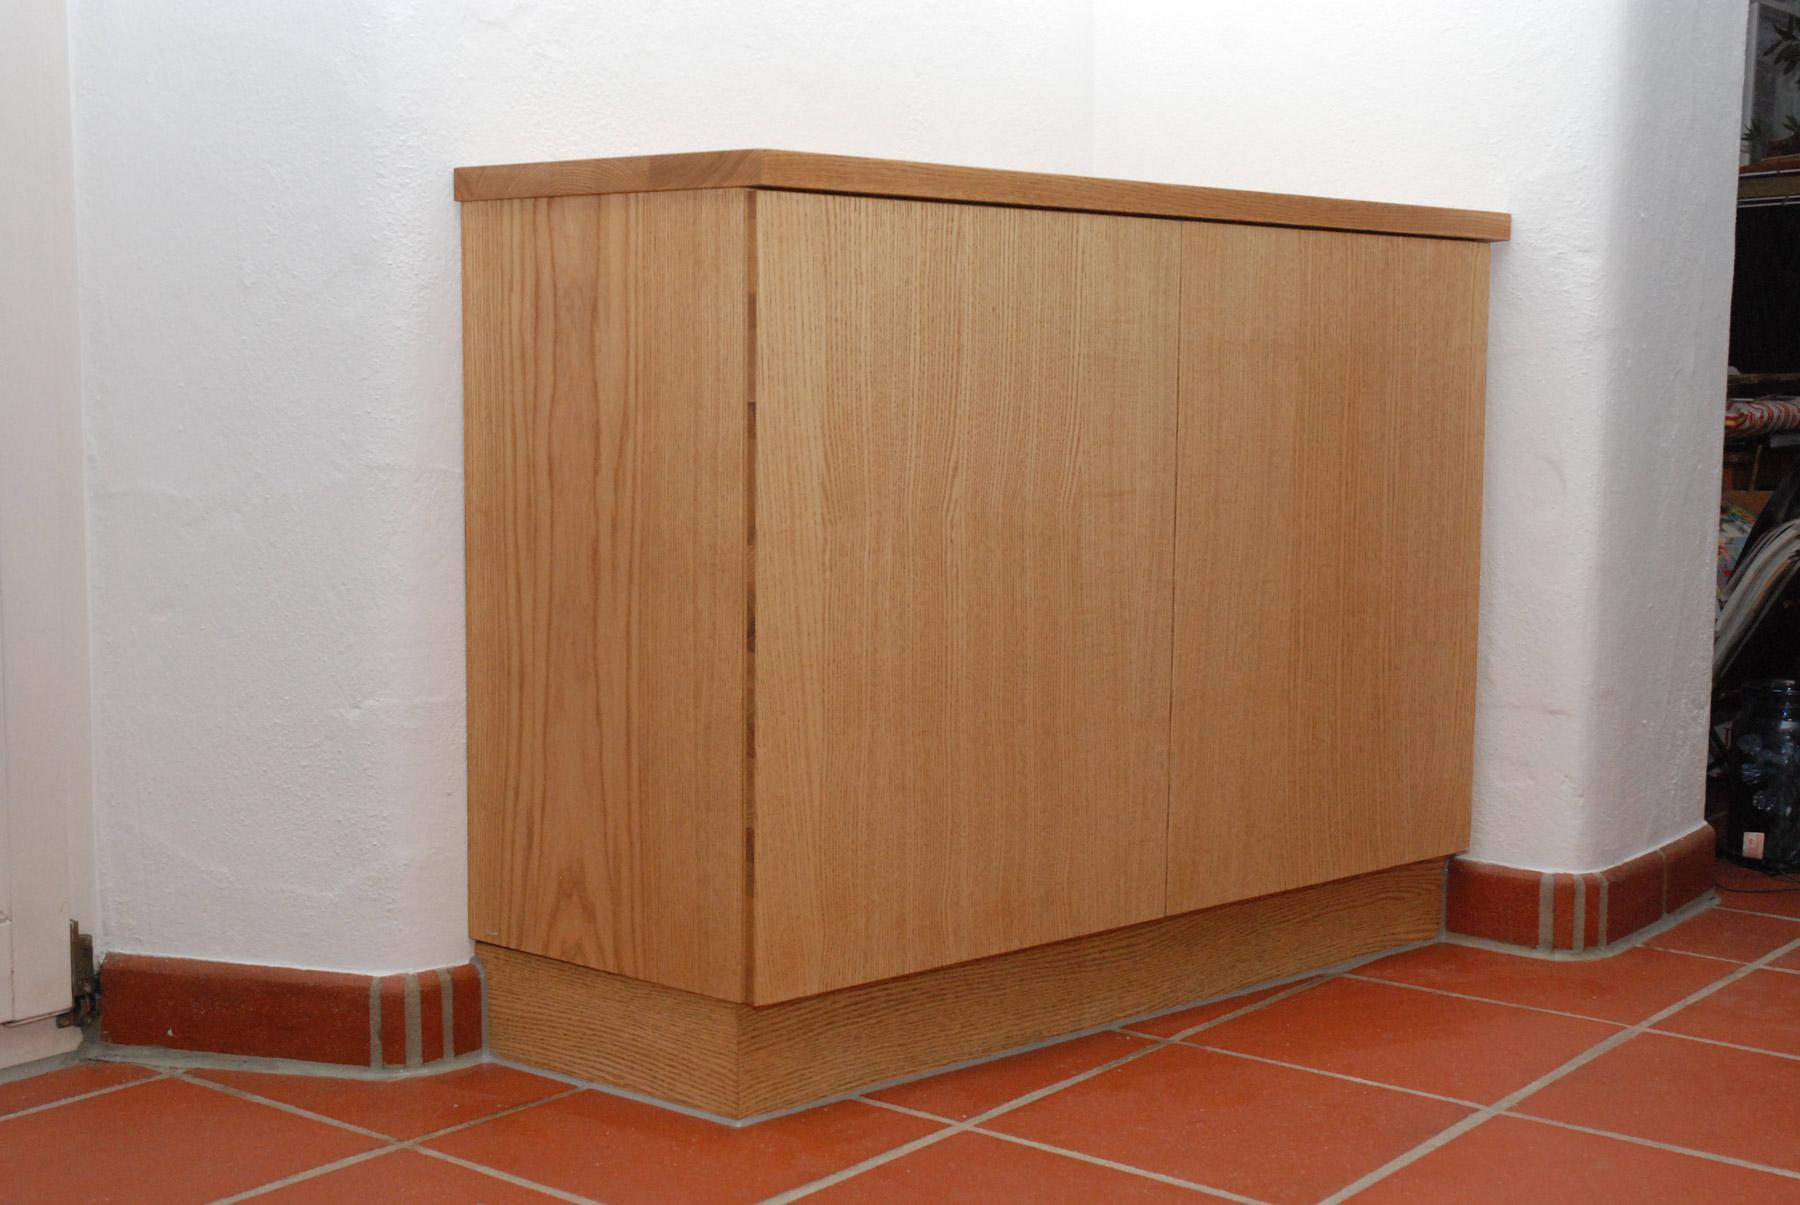 fernsehschrank steckdosen integriert aus esche. Black Bedroom Furniture Sets. Home Design Ideas